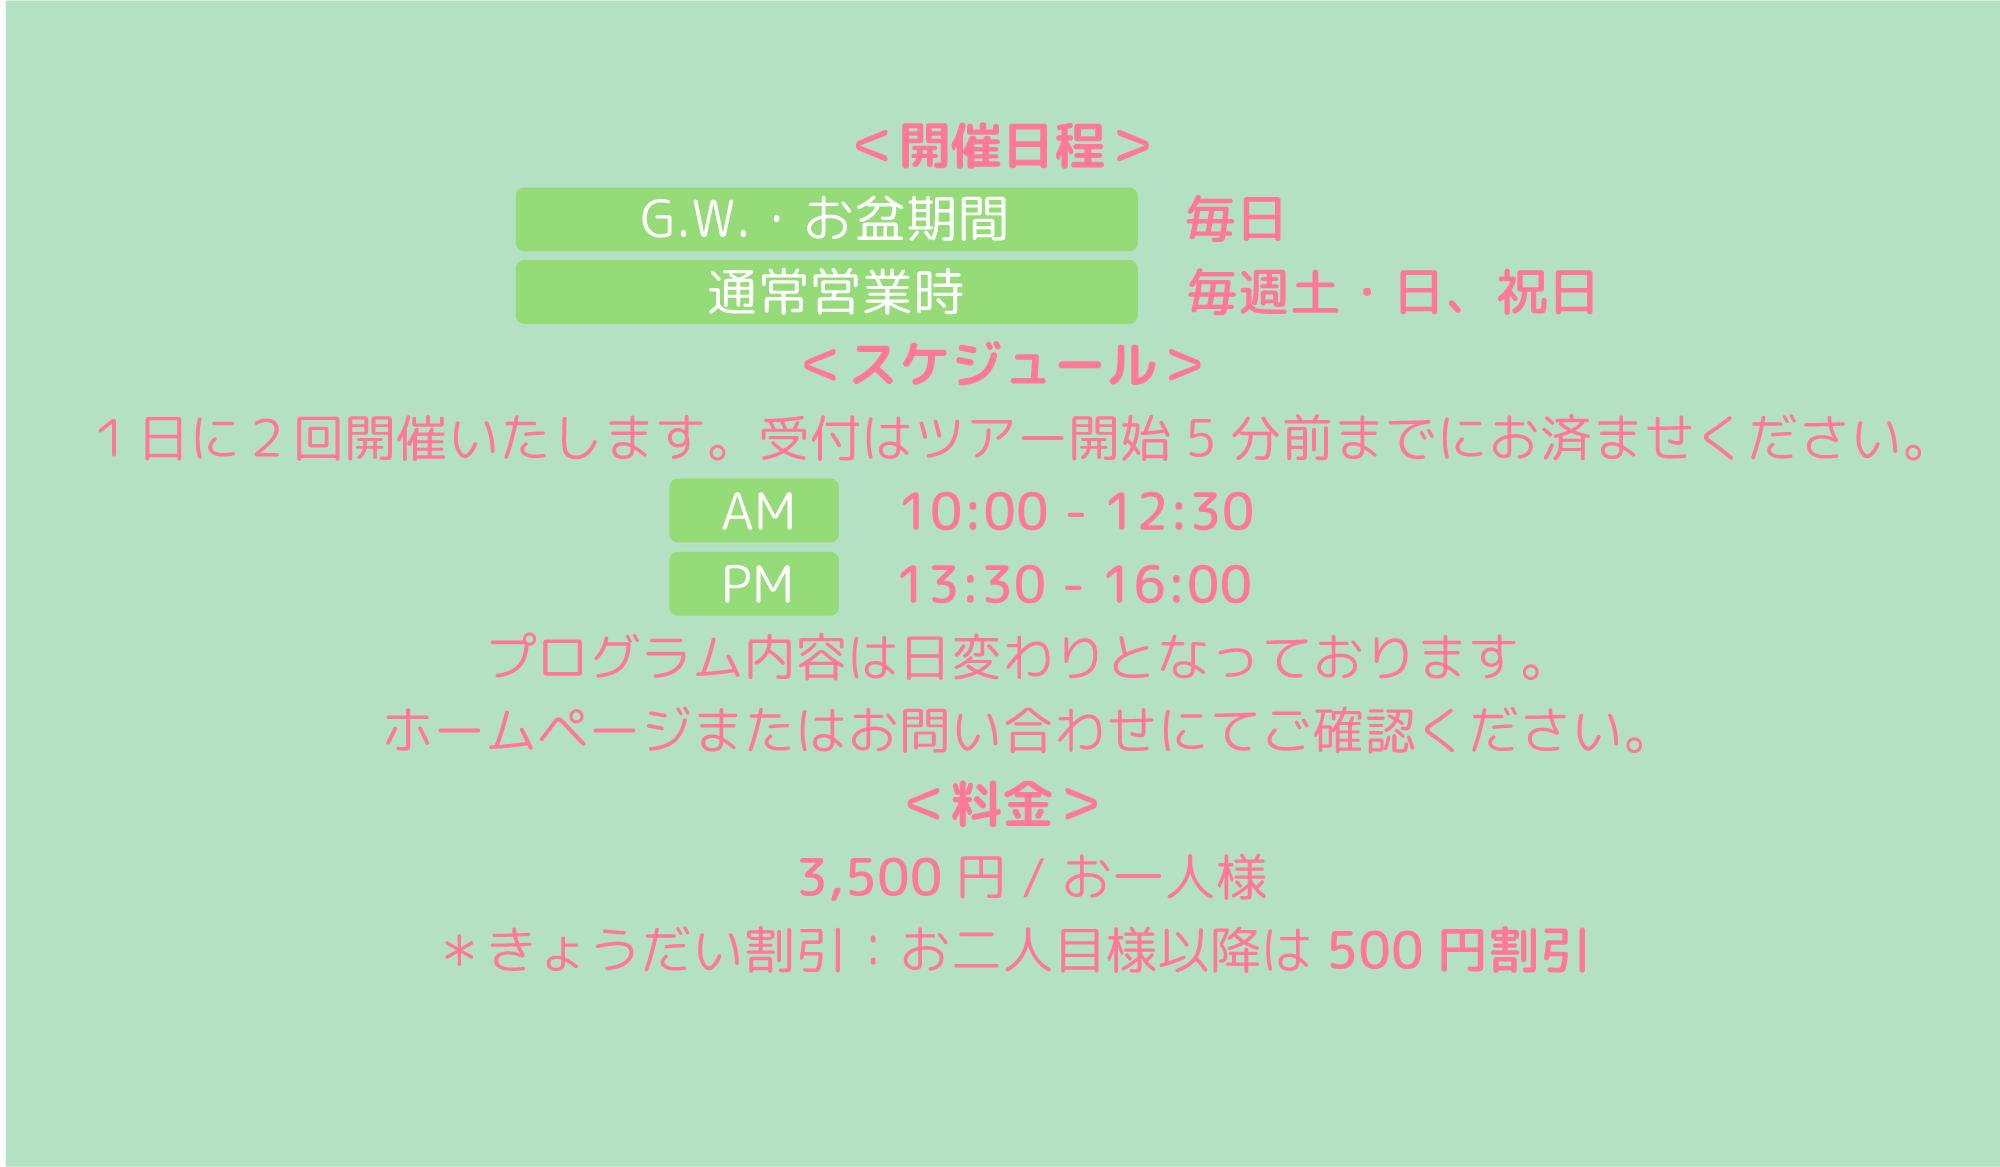 春ツアー概要-06-06